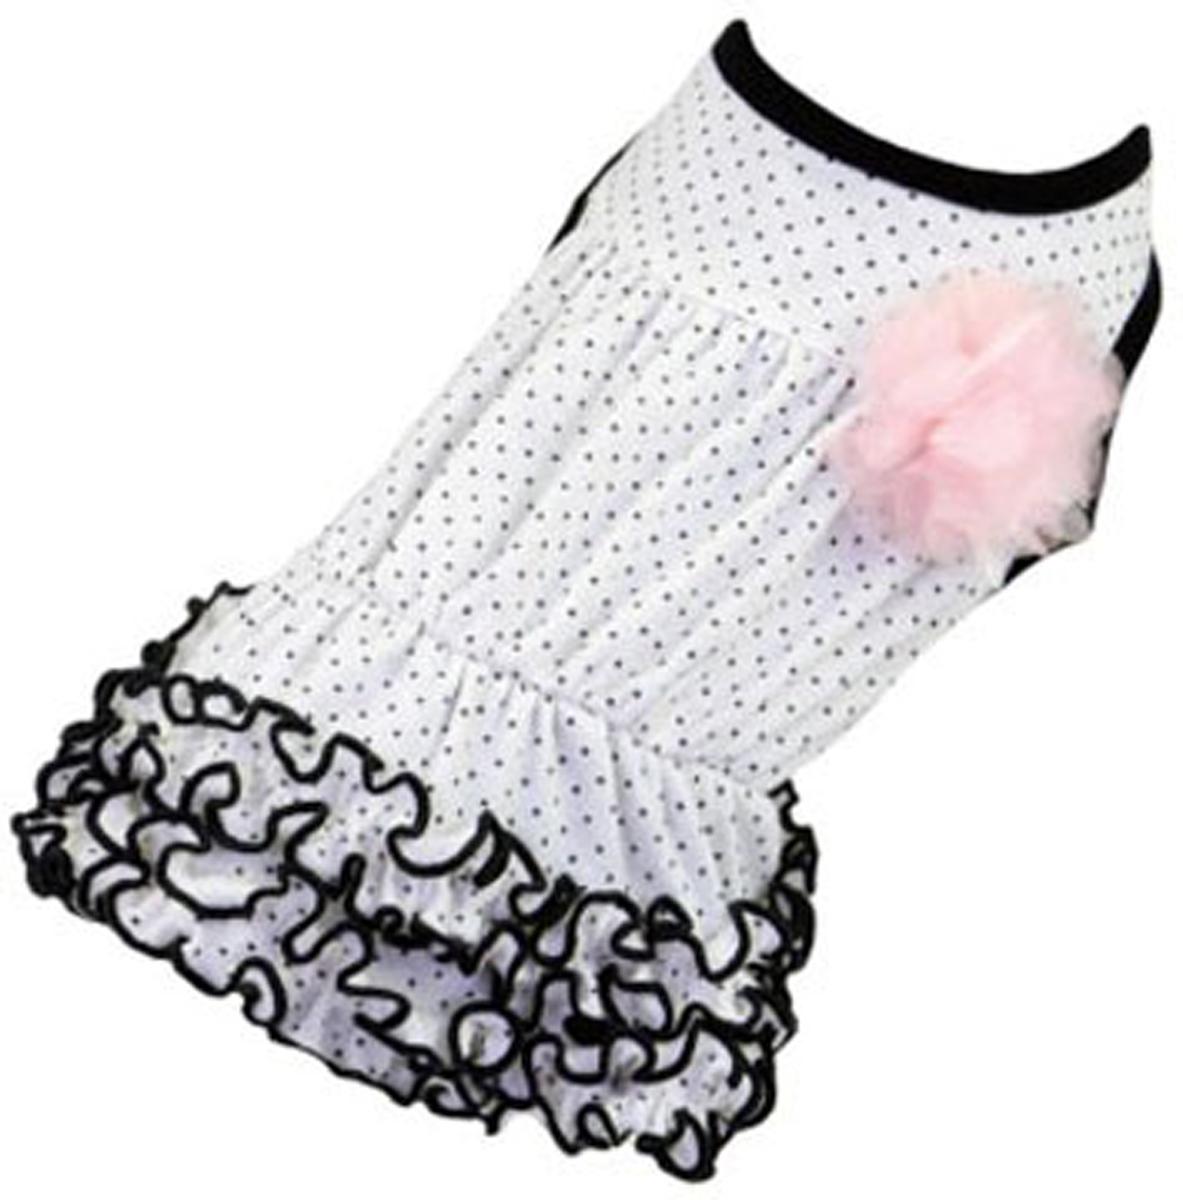 Платье для собак Dobaz, цвет: белый. ДА13019БХЛ. Размер XLДА13019БХЛШикарное платье с принтом в горошек Dobaz выполнено из плотного хлопка. На спинке декоративная брошь-цветочек. Юбочка оформлена рюшами. Модель идеально сидит и не сковывает движения. В таком платье ваша собачка будет самой красивой на прогулке. Обхват шеи: 34 см.Обхват груди: 54 см.Длина спинки: 36 см.Одежда для собак: нужна ли она и как её выбрать. Статья OZON Гид